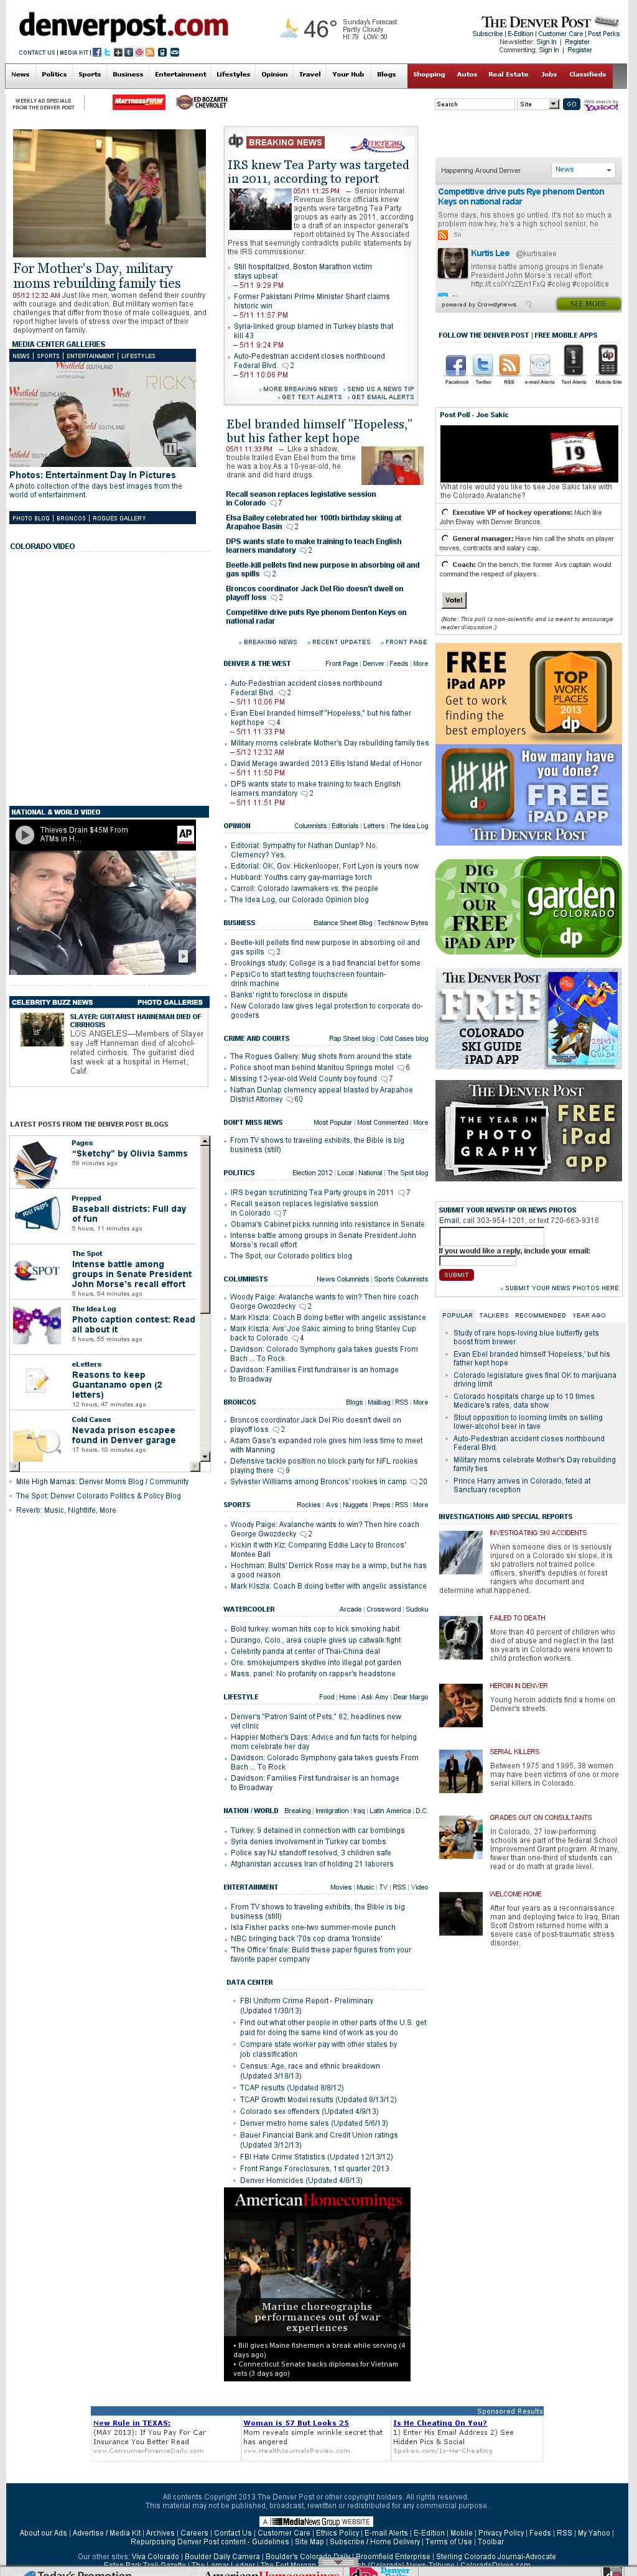 Denver Post at Sunday May 12, 2013, 12:04 p.m. UTC